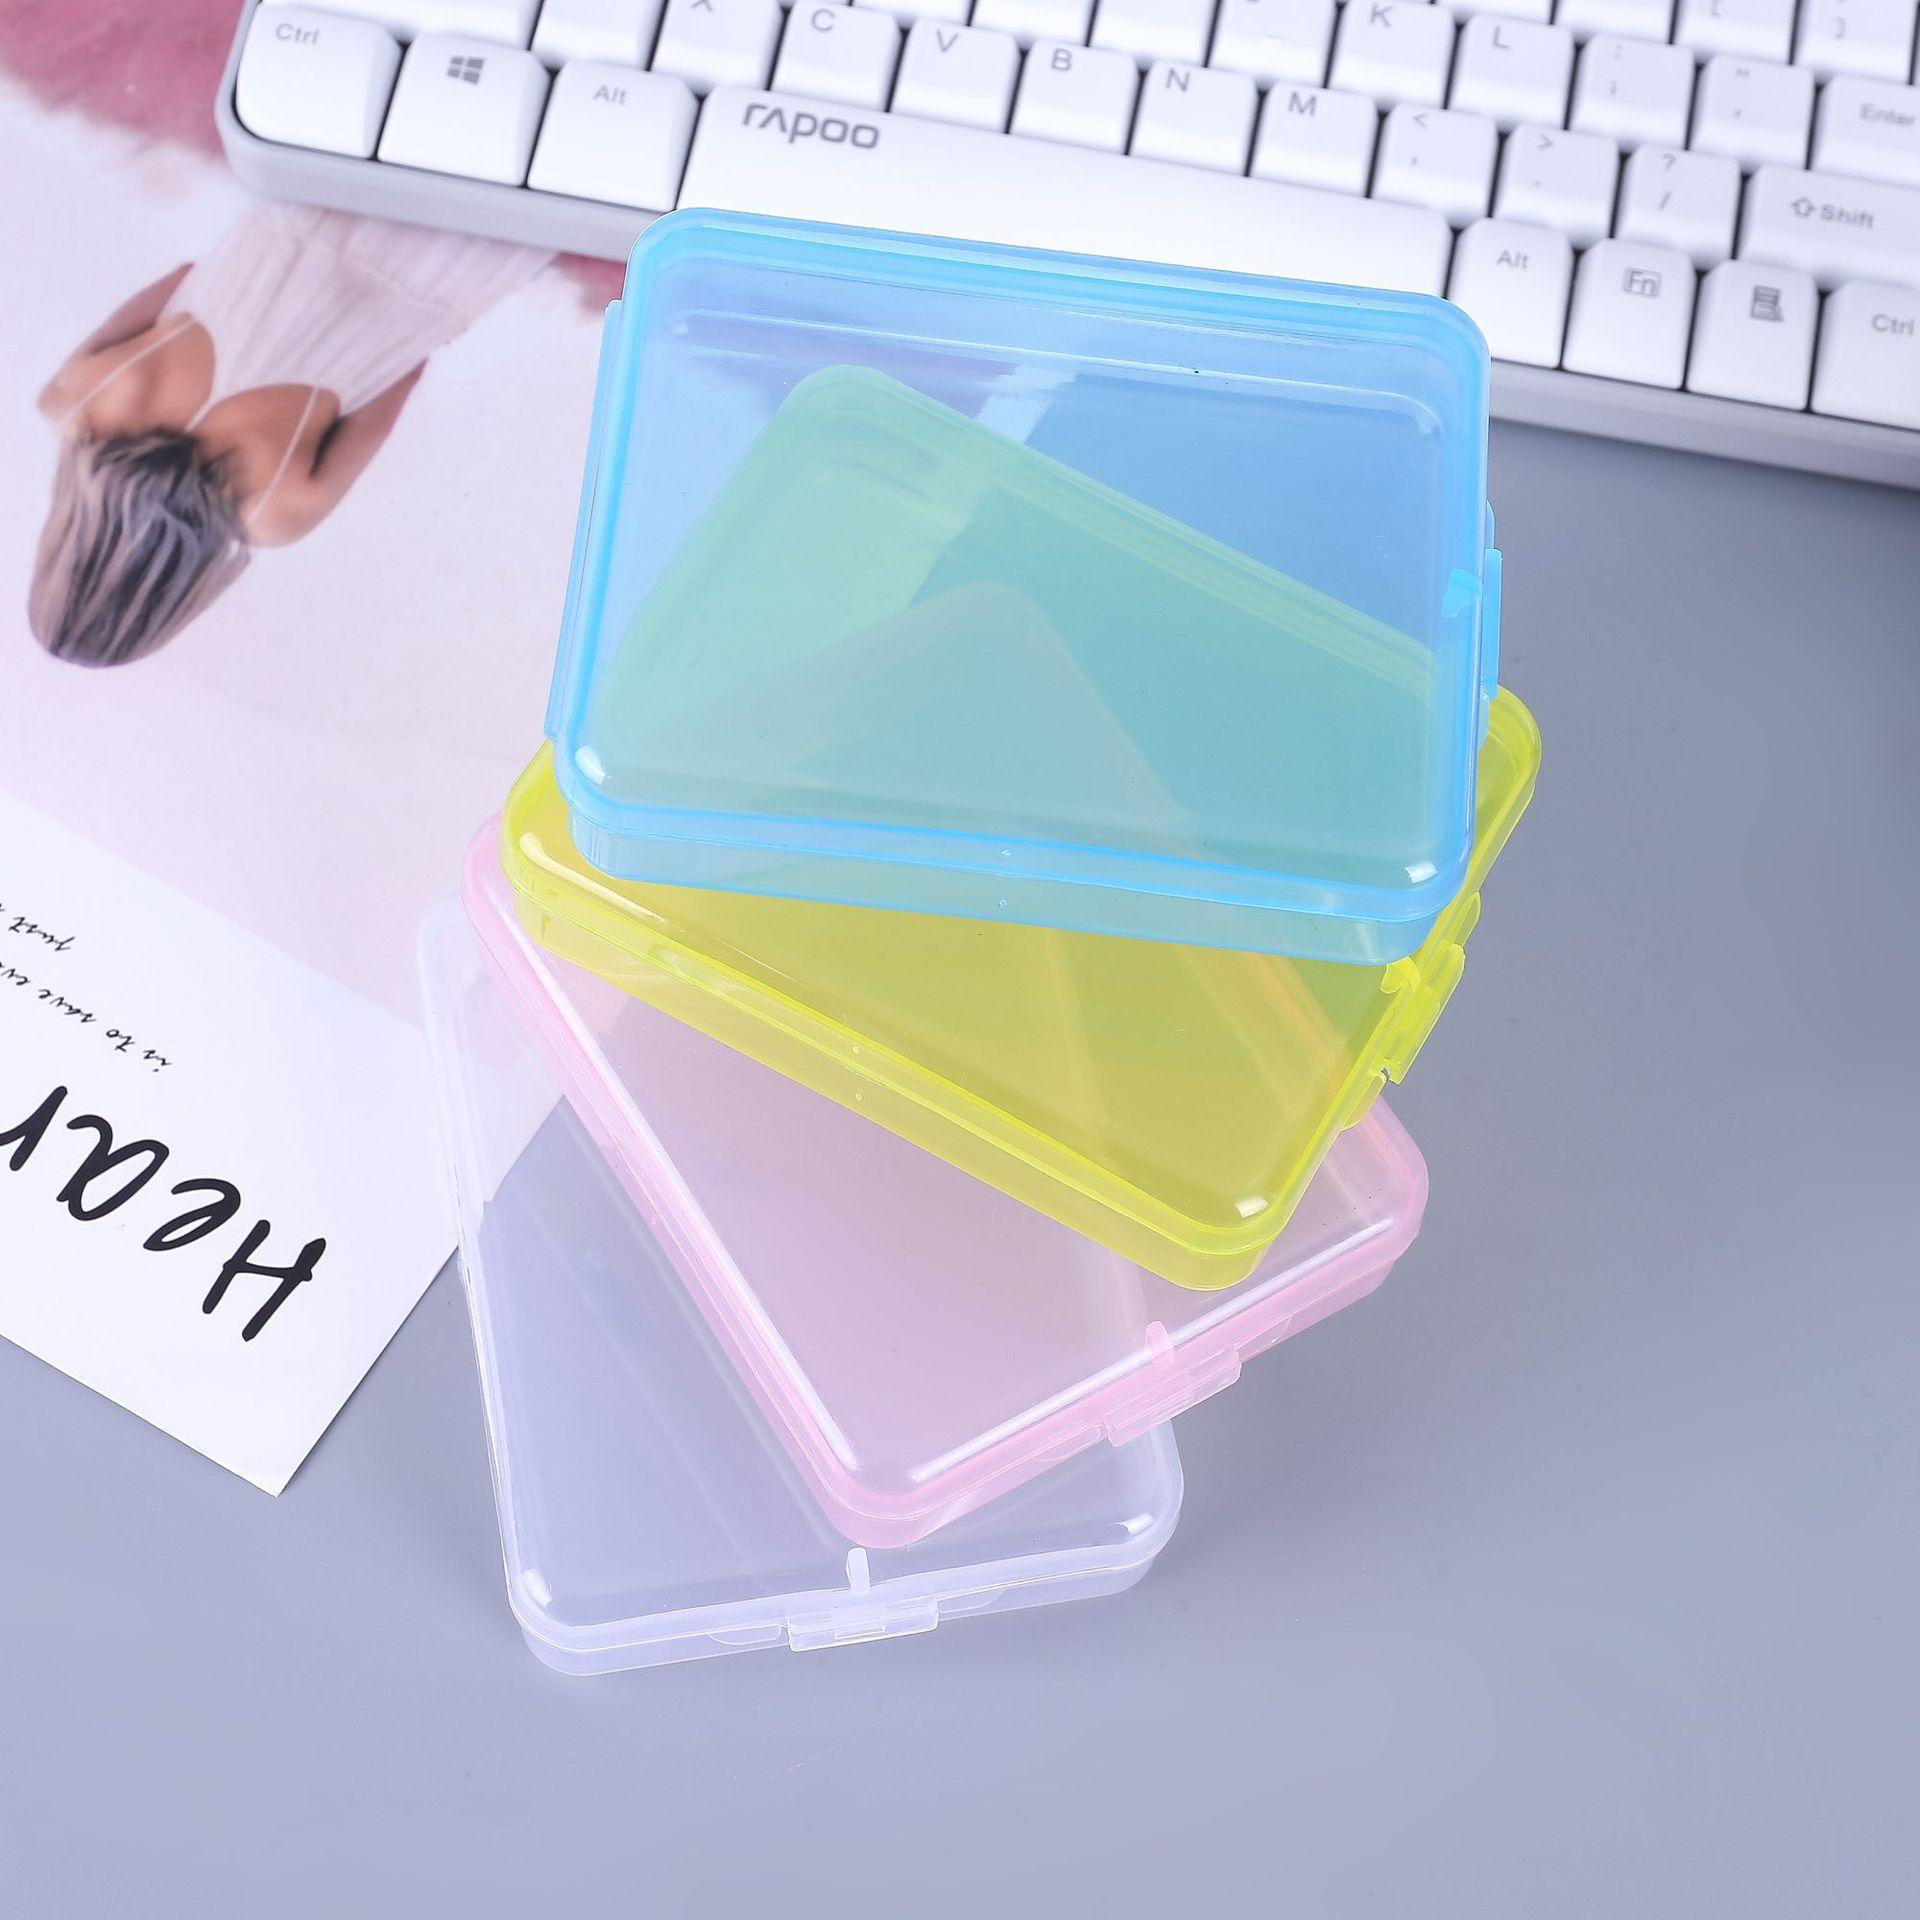 Маска для лица Контейнер Box Защита Case Card Контейнер карты памяти CF Boxs карты Инструмент Пластиковый прозрачный хранения легко носить с собой FY8021